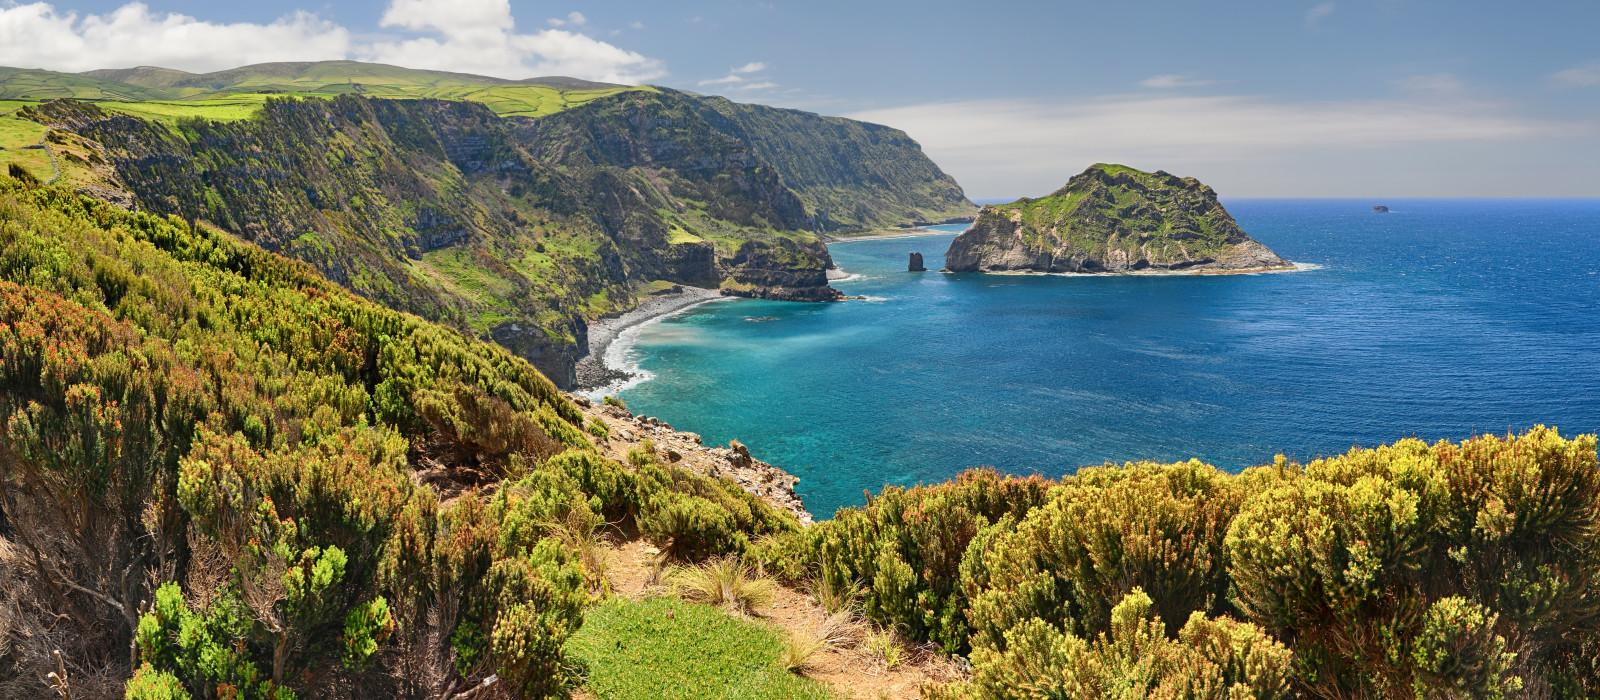 Inselhopping in Portugal – Lissabon, Azoren und Madeira Urlaub 1